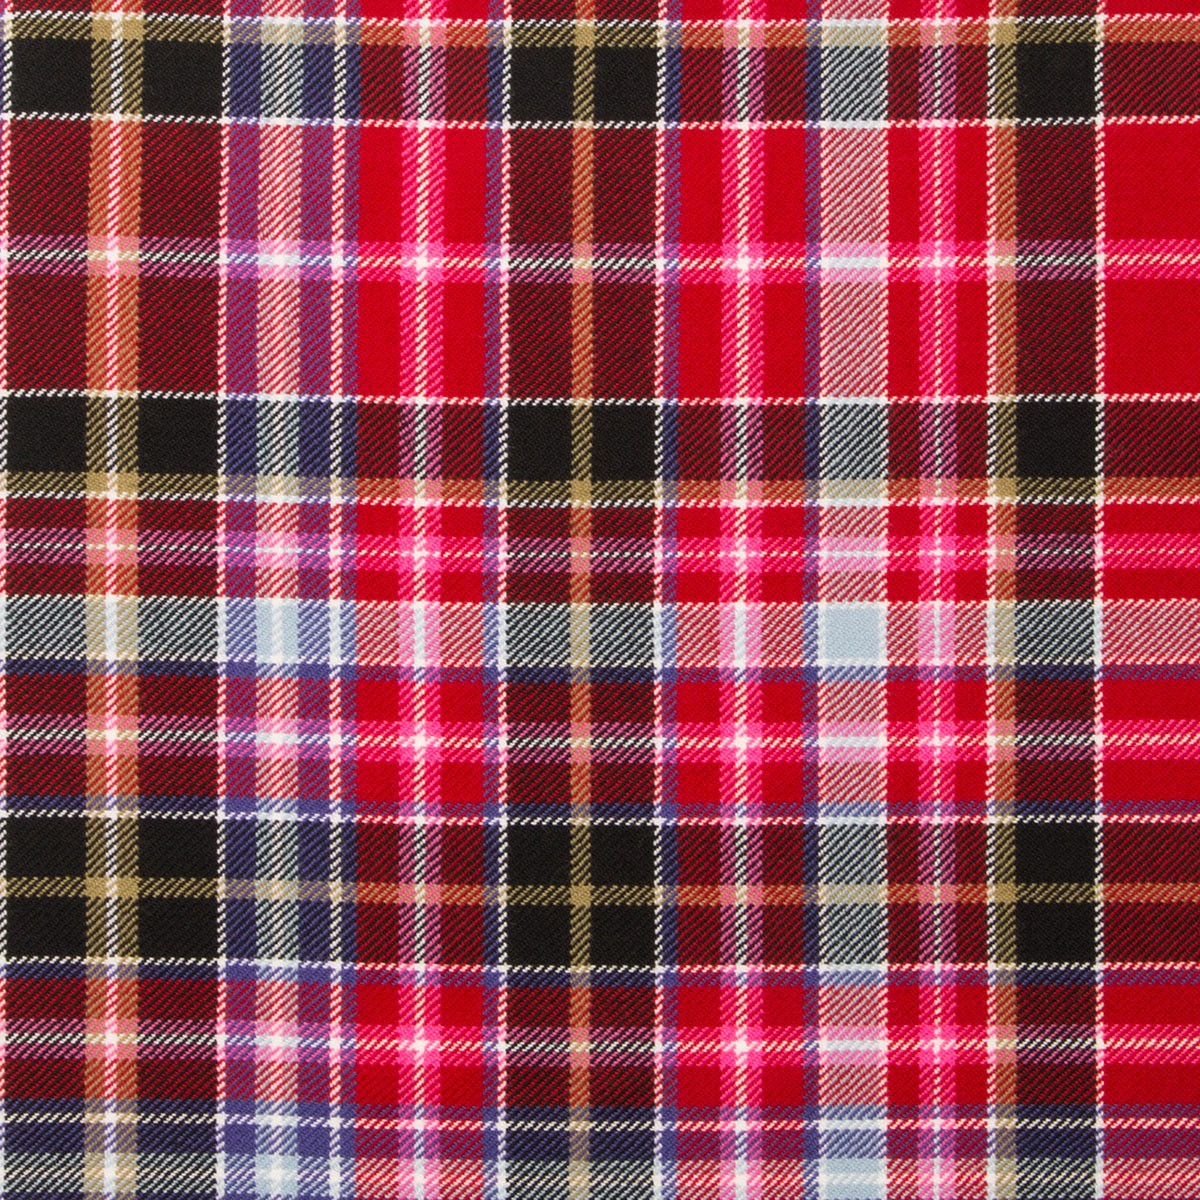 Aberdeen Light Weight Tartan Fabric-Front